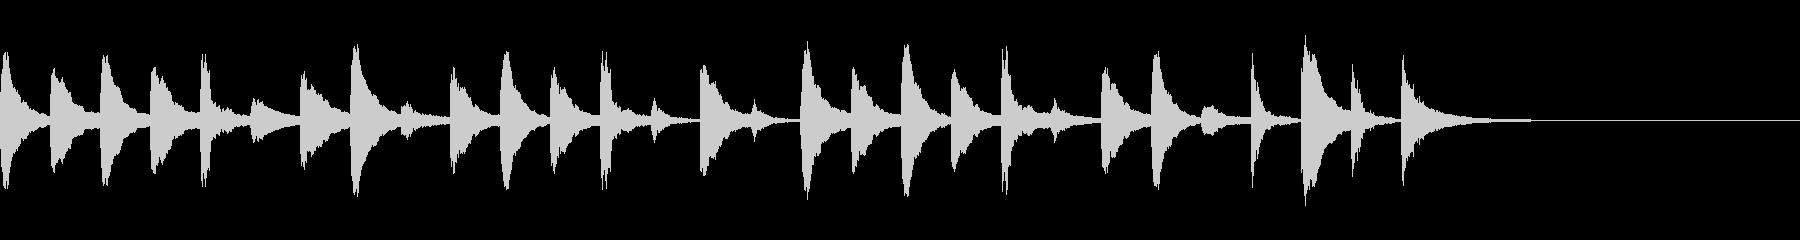 木琴のかわいい10秒ジングルの未再生の波形